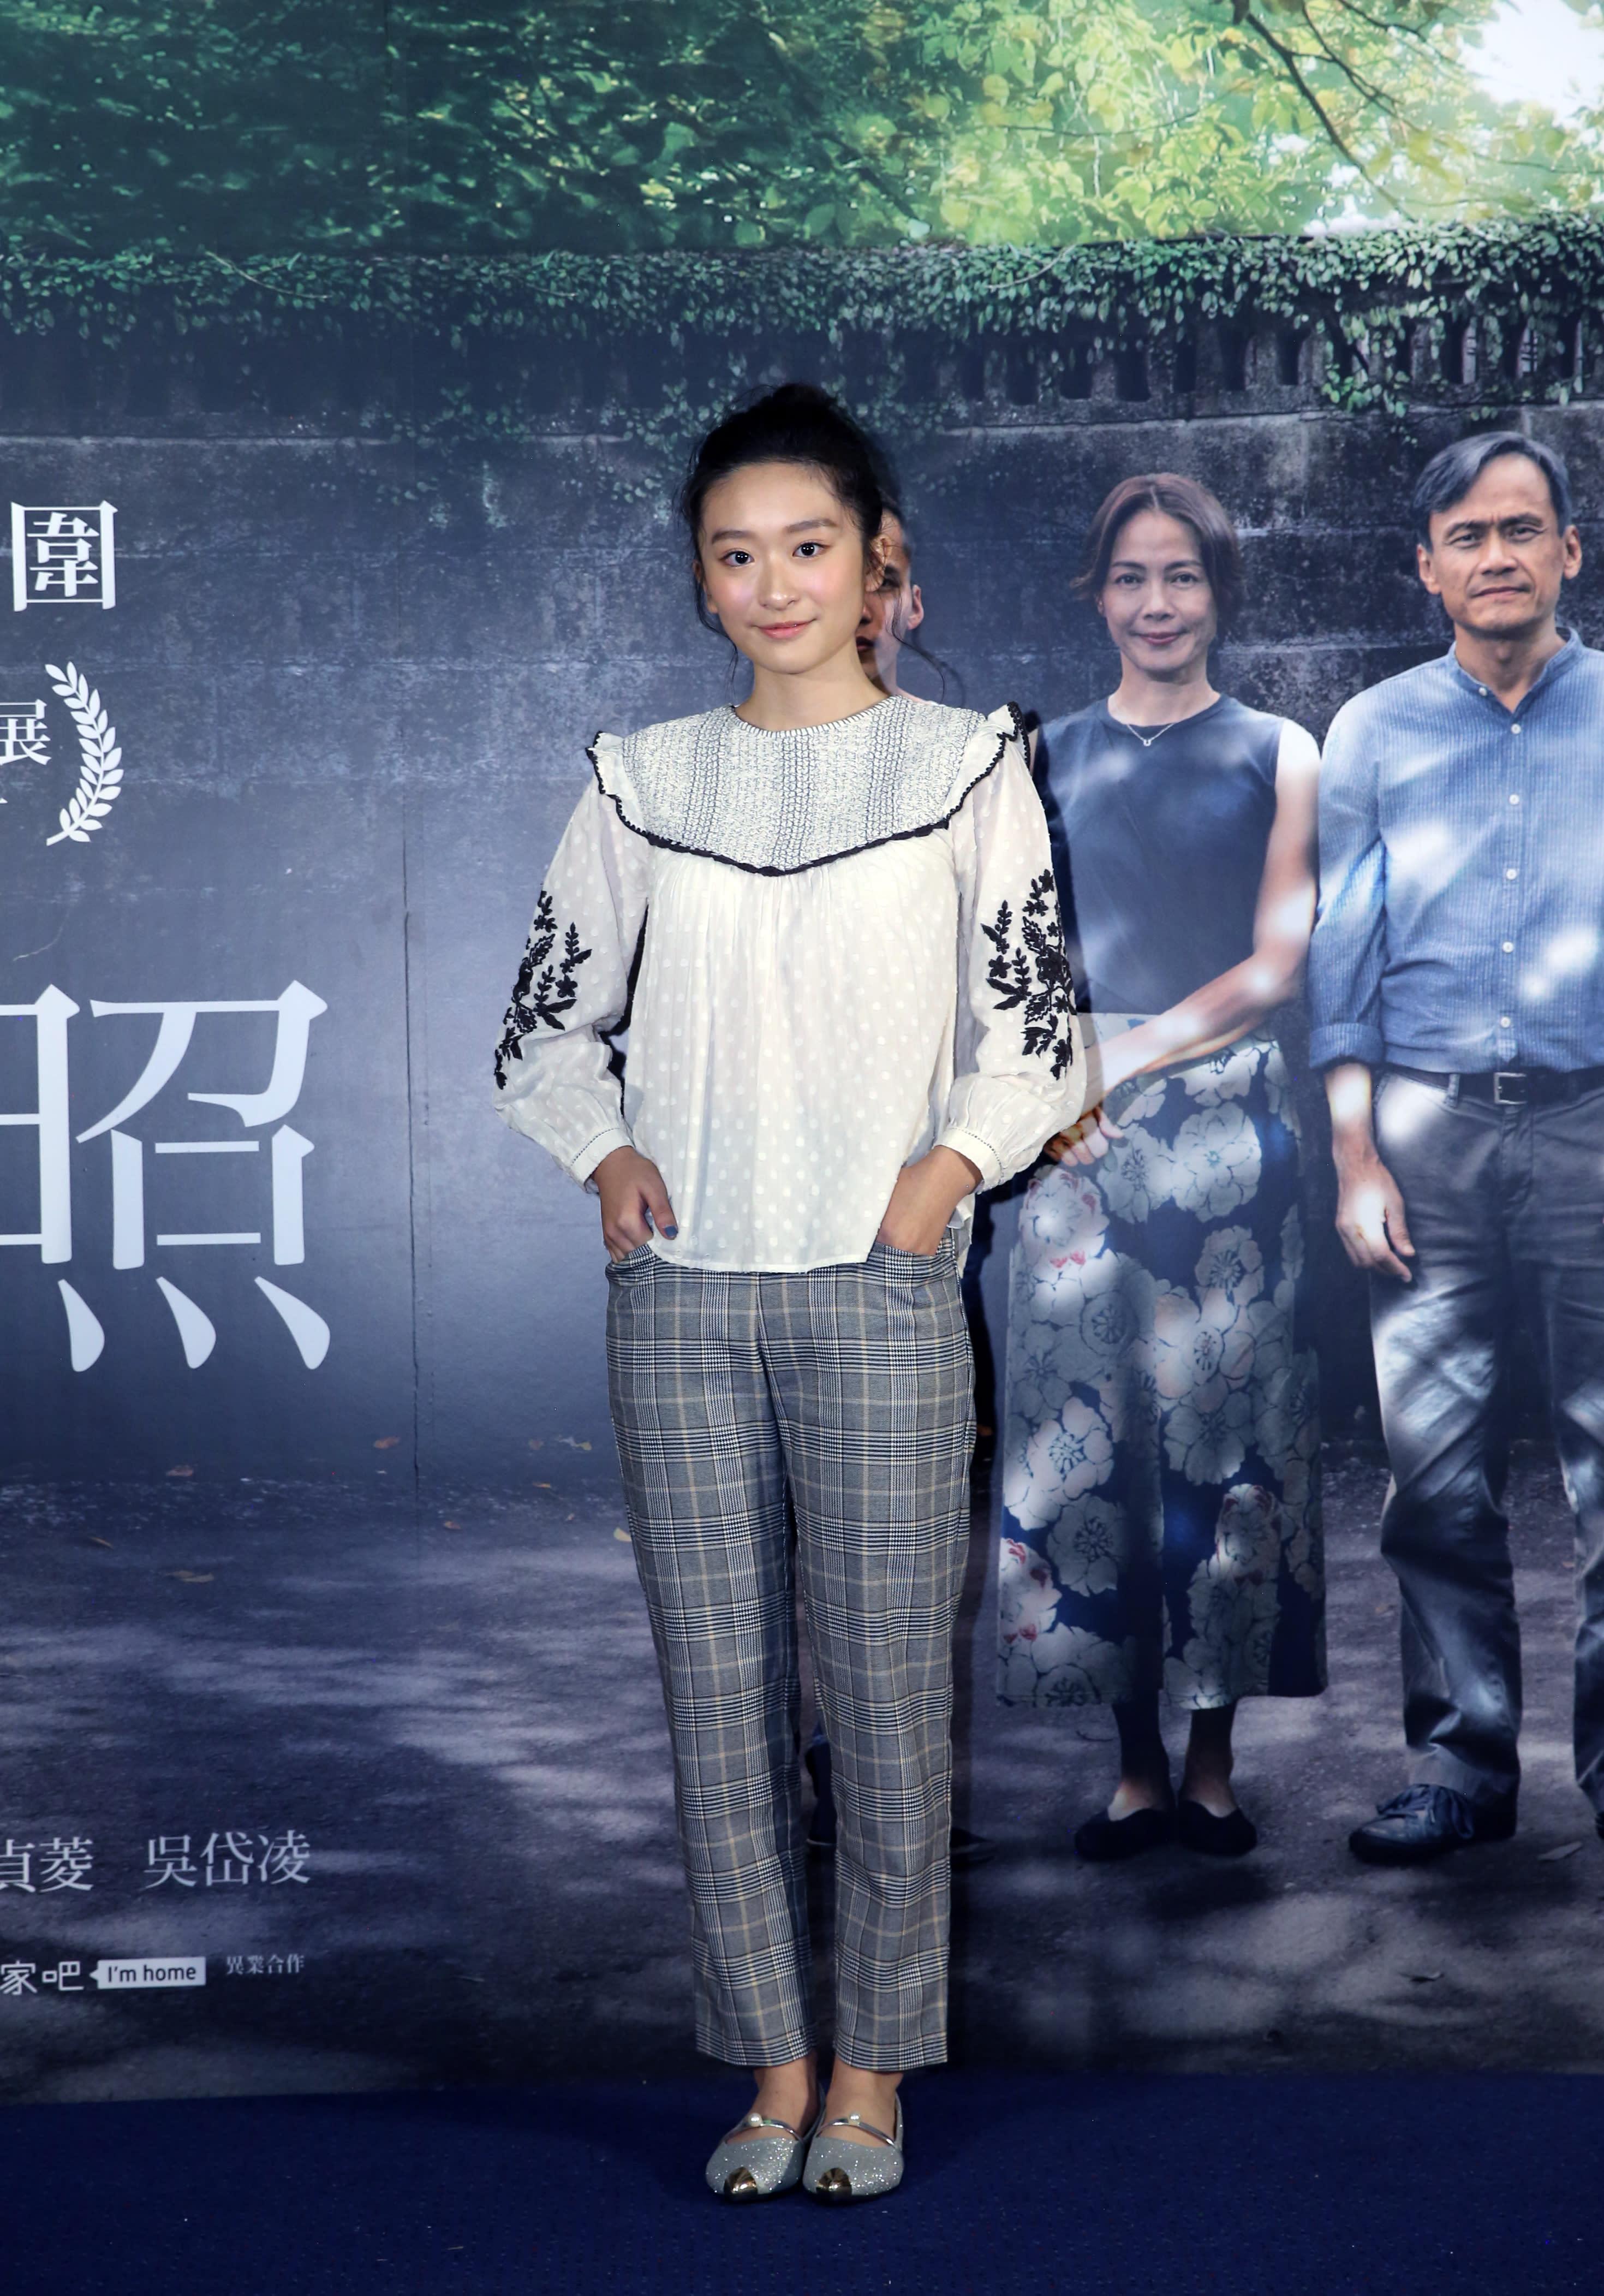 吳岱凌則直讚電影第一幕就讓人震撼,整部電影都發人深省,更表示:「陳以文與巫建和之間的父子情最讓我感動。」